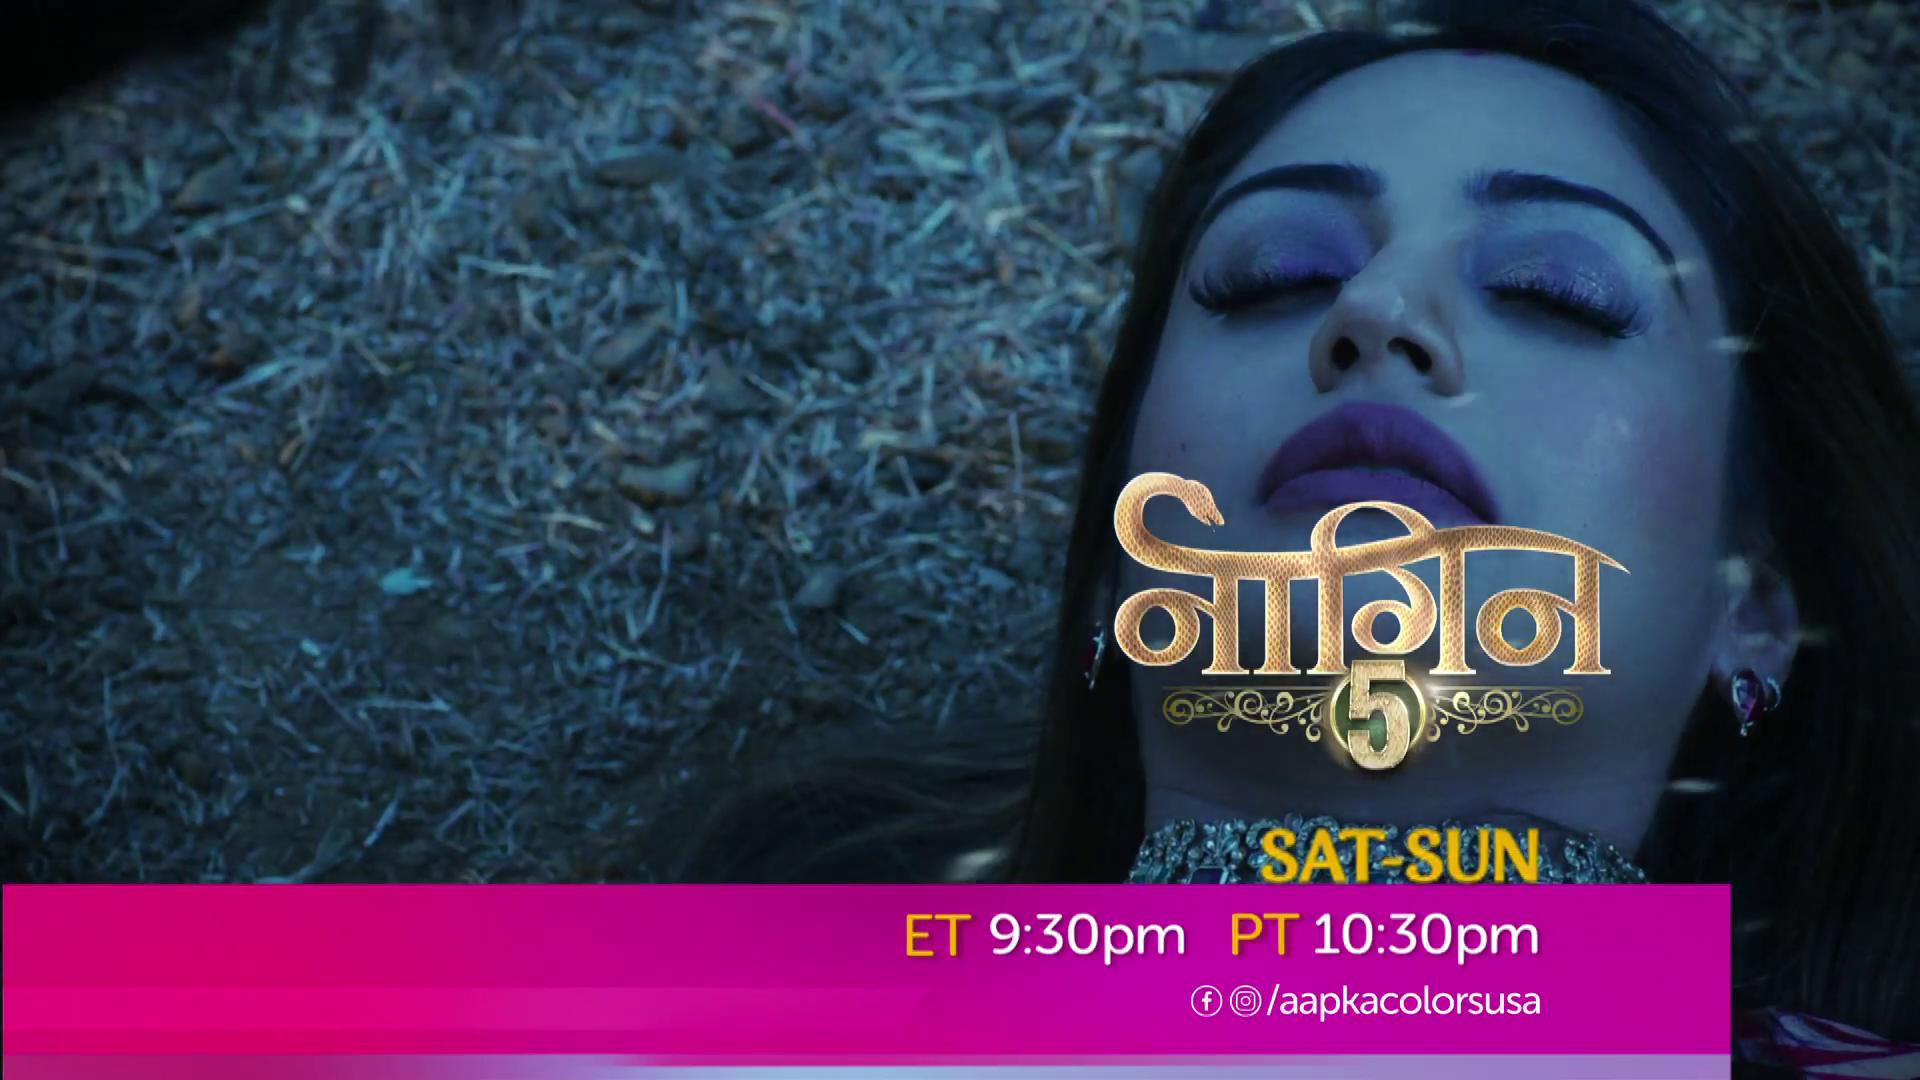 Watch Naagin Sat-Sun ET 9:30pm PT 10:30pm